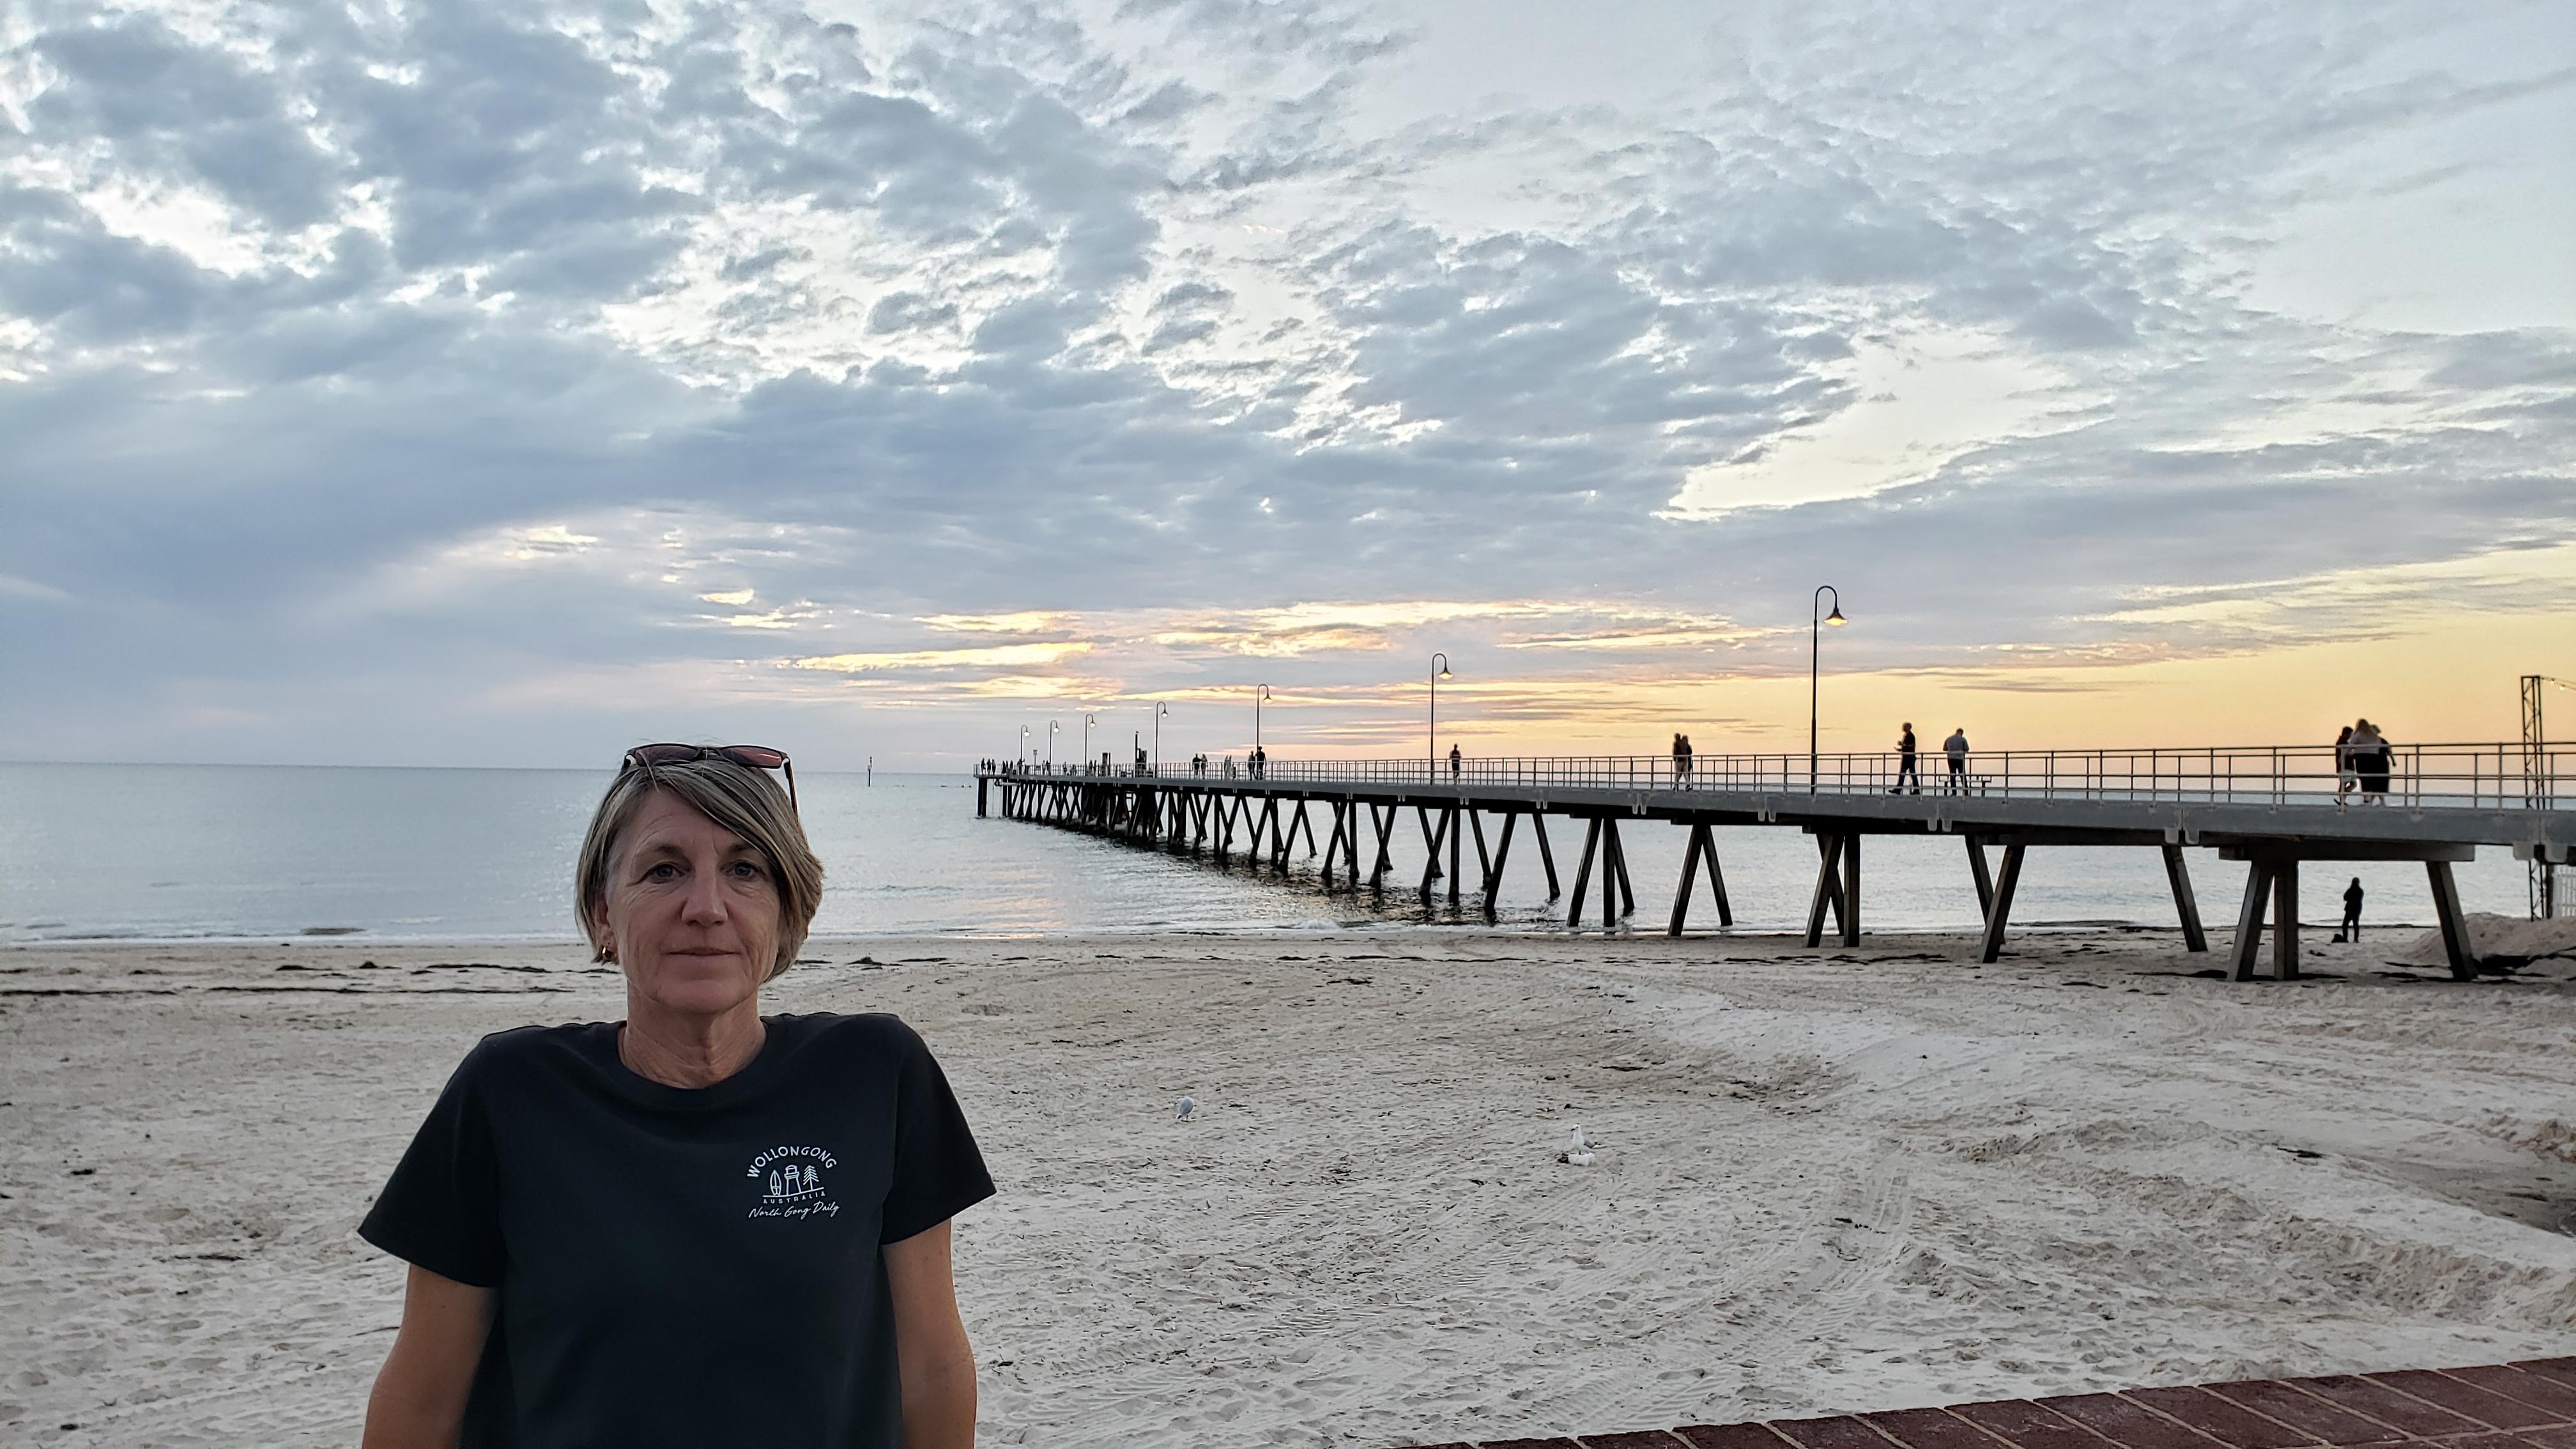 Michelle at Glenelg Beach, SA